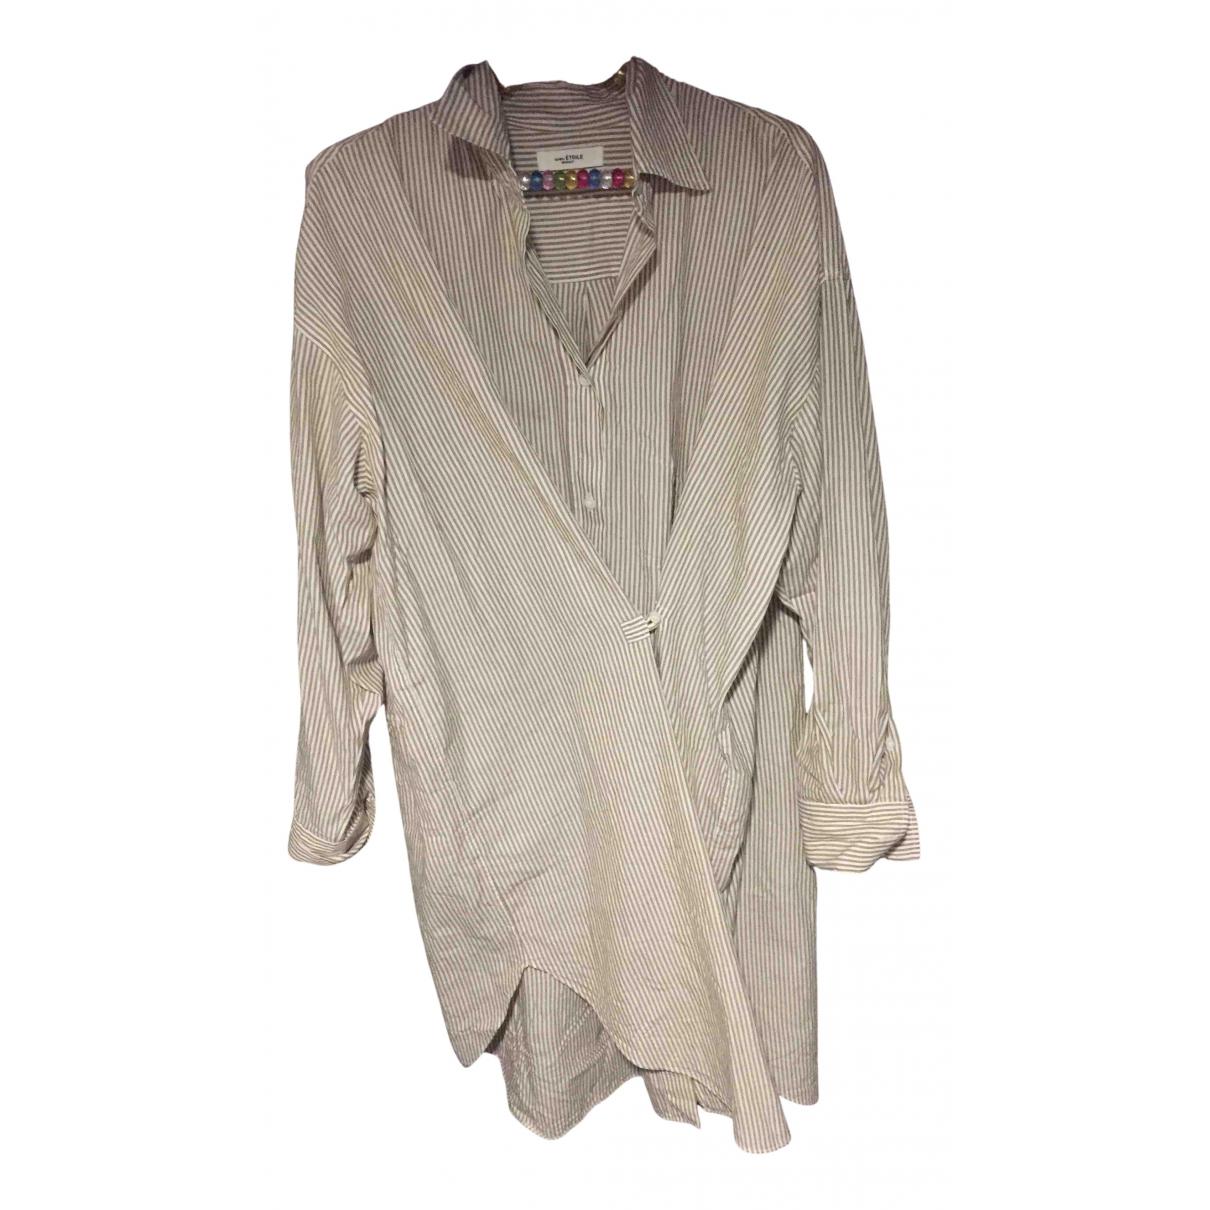 Isabel Marant N Camel Cotton dress for Women 38 FR